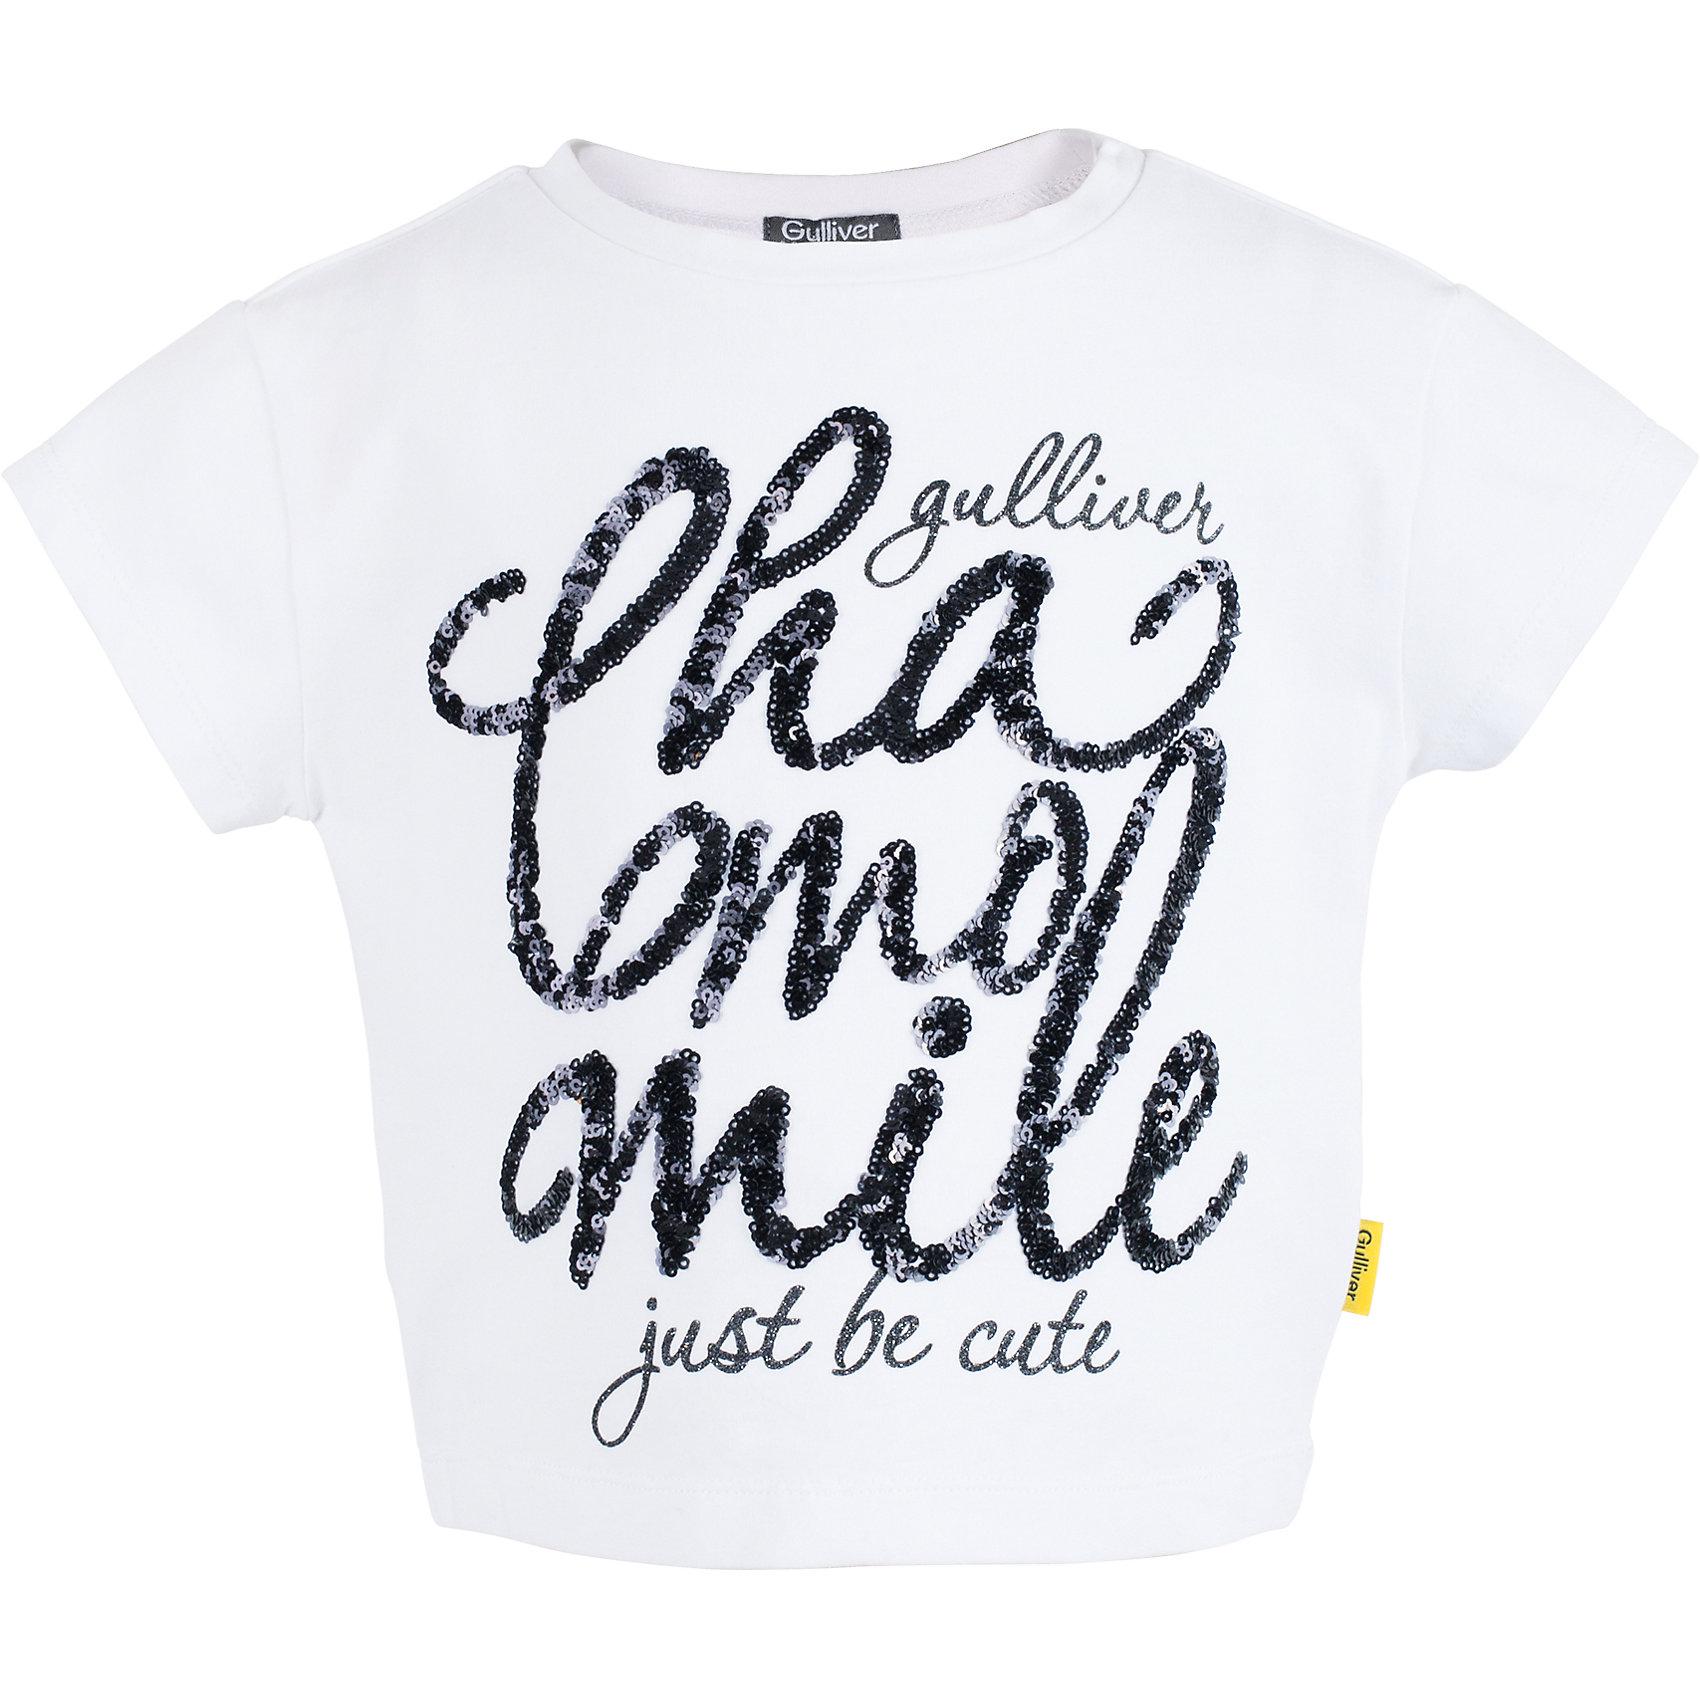 Футболка для девочки GulliverБелые футболки с коротким рукавом – классика жанра! Элегантная футболка из мягкого хлопка с эффектным шрифтовым изображением, выполненным из сияющих пайеток, сделает образ ребенка ярким и оригинальным! Белая футболка для девочки из коллекции Ромашка - лучший пример футболки с рисунком. Стильный дизайн и высокое качество исполнения принесут удовольствие от покупки и подарят отличное настроение!<br>Состав:<br>95% хлопок      5% эластан<br><br>Ширина мм: 199<br>Глубина мм: 10<br>Высота мм: 161<br>Вес г: 151<br>Цвет: белый<br>Возраст от месяцев: 24<br>Возраст до месяцев: 36<br>Пол: Женский<br>Возраст: Детский<br>Размер: 98,104,110,116<br>SKU: 5483529